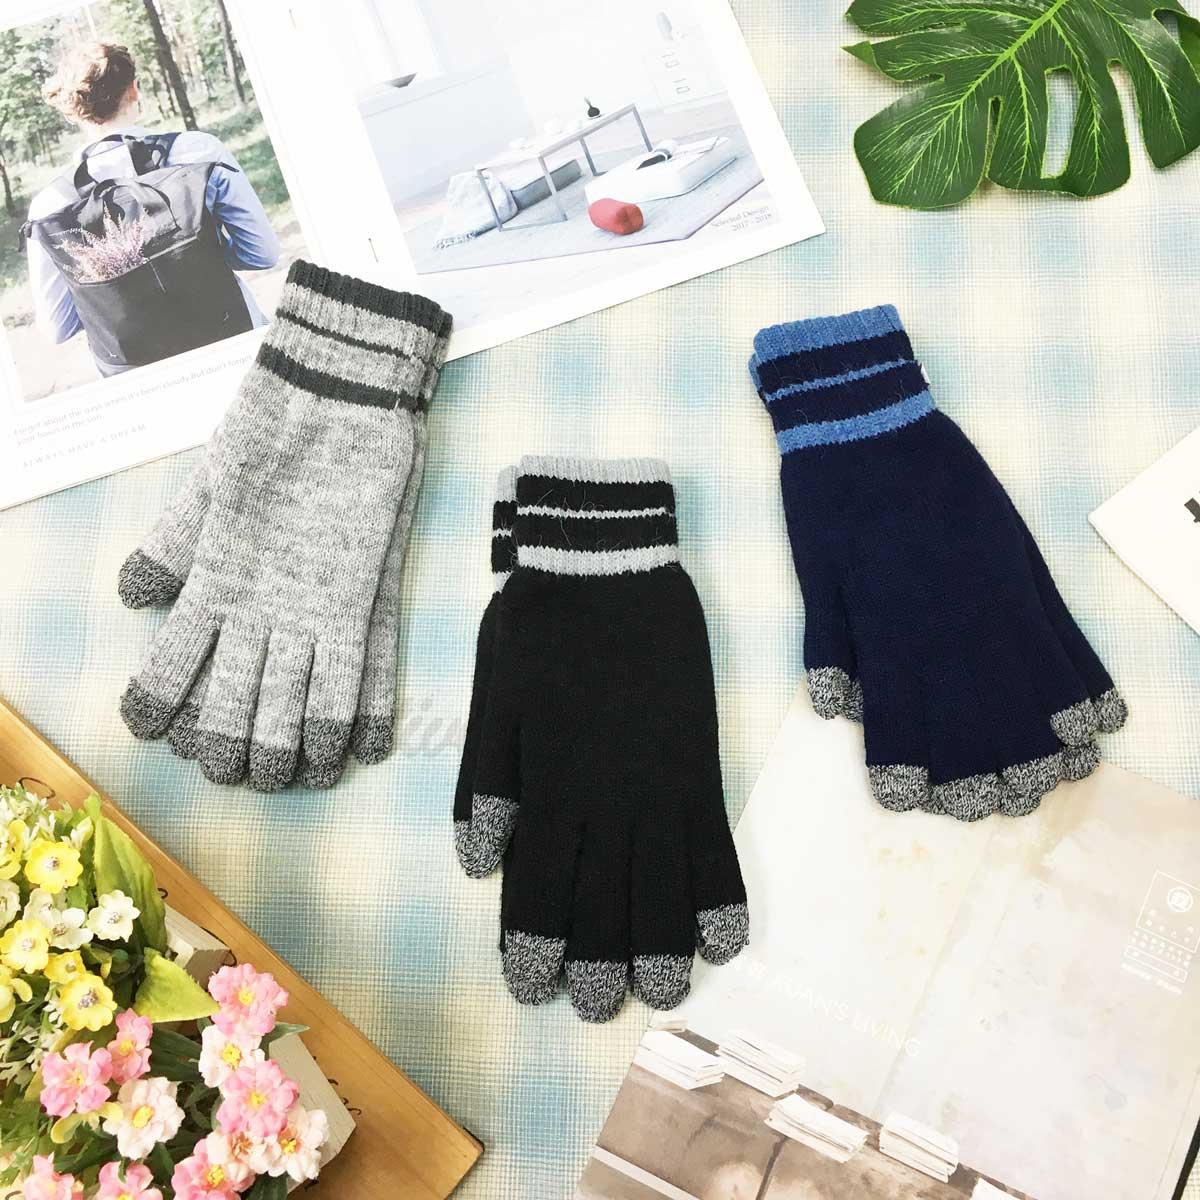 觸控手套 男款 素色 條紋 簡約 質感 基本款 刷毛 保暖 黑 灰 藍 手套